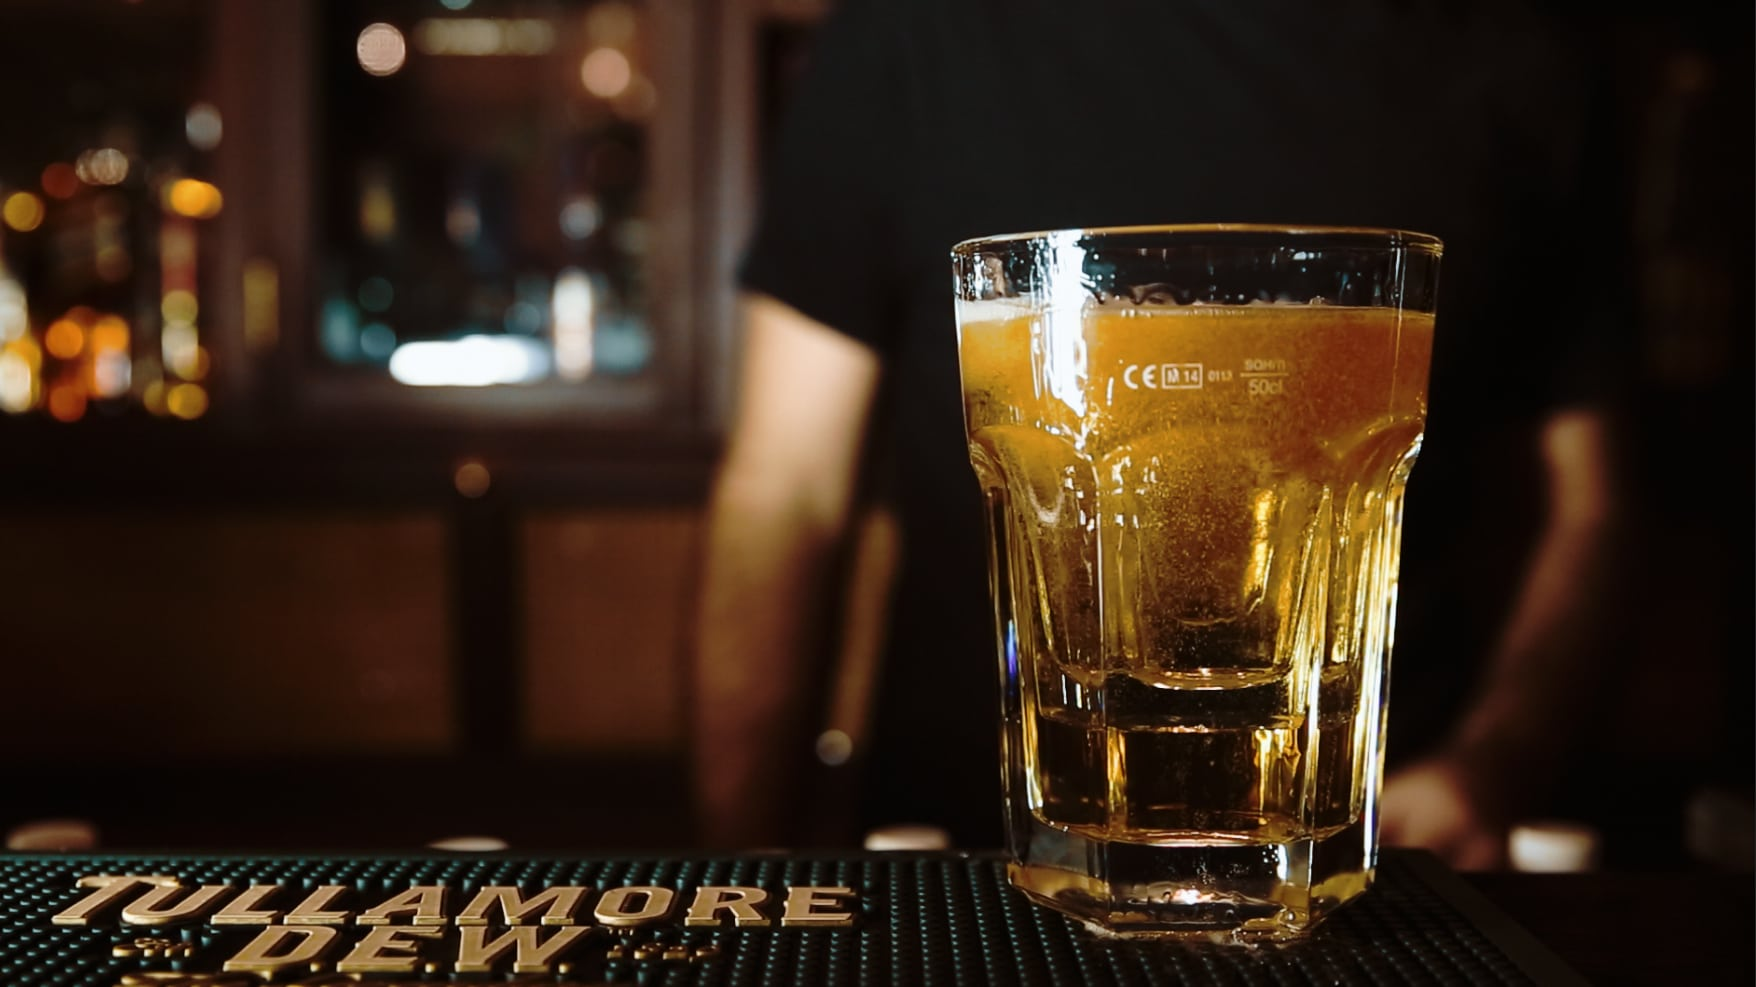 Εσύ έχεις πάει για «Παπανικολή» στην Ανεμόεσσα;